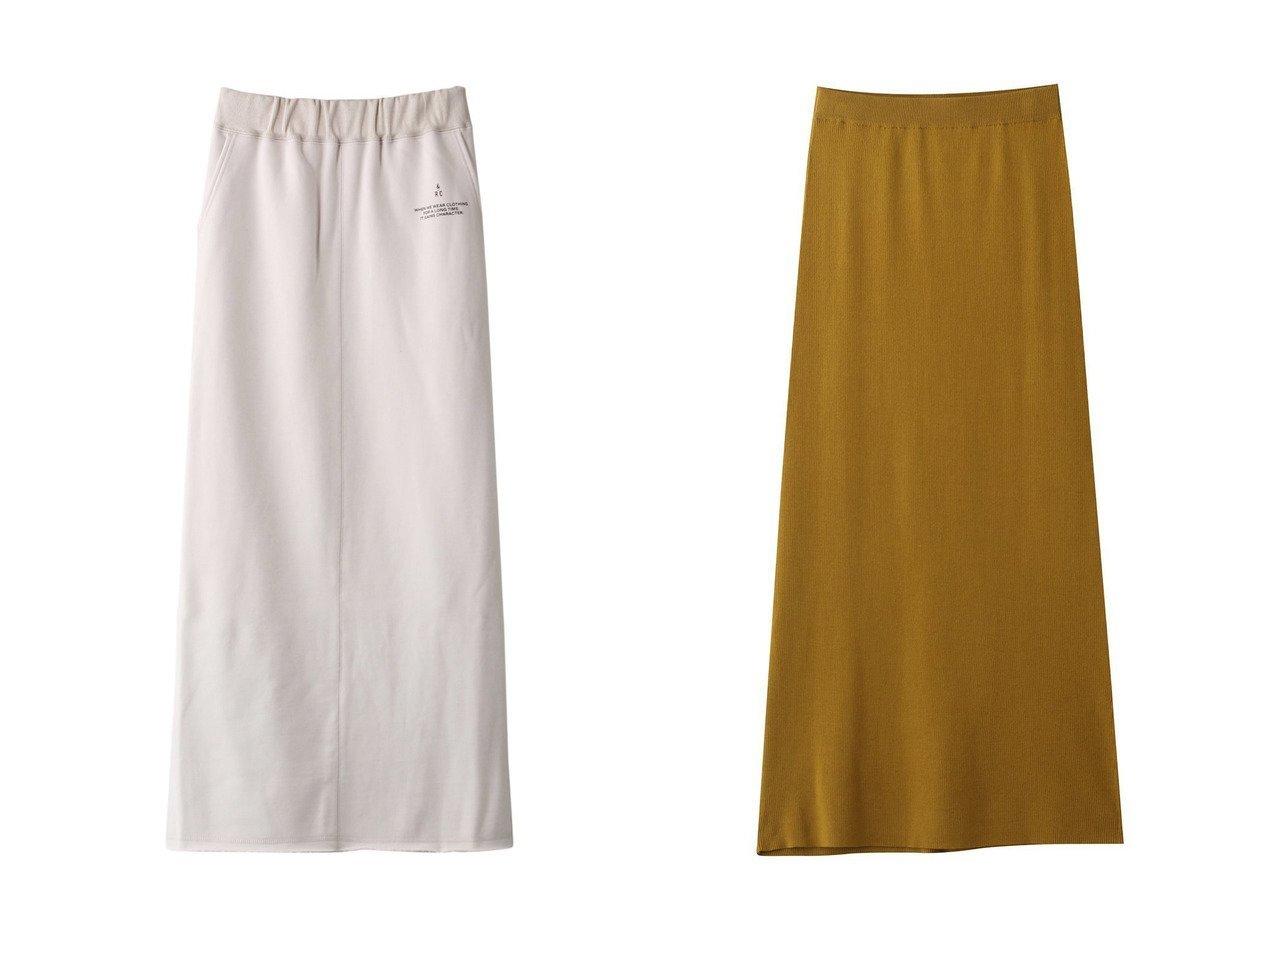 【Curensology/カレンソロジー】のコットンリブタイトスカート&CLヘビーウラケロングスカート 【スカート】おすすめ!人気、トレンド・レディースファッションの通販   おすすめで人気の流行・トレンド、ファッションの通販商品 インテリア・家具・メンズファッション・キッズファッション・レディースファッション・服の通販 founy(ファニー) https://founy.com/ ファッション Fashion レディースファッション WOMEN スカート Skirt ロングスカート Long Skirt 2020年 2020 2020-2021秋冬・A/W AW・Autumn/Winter・FW・Fall-Winter/2020-2021 2021年 2021 2021-2022秋冬・A/W AW・Autumn/Winter・FW・Fall-Winter・2021-2022 A/W・秋冬 AW・Autumn/Winter・FW・Fall-Winter シンプル プリント ロング |ID:crp329100000066086